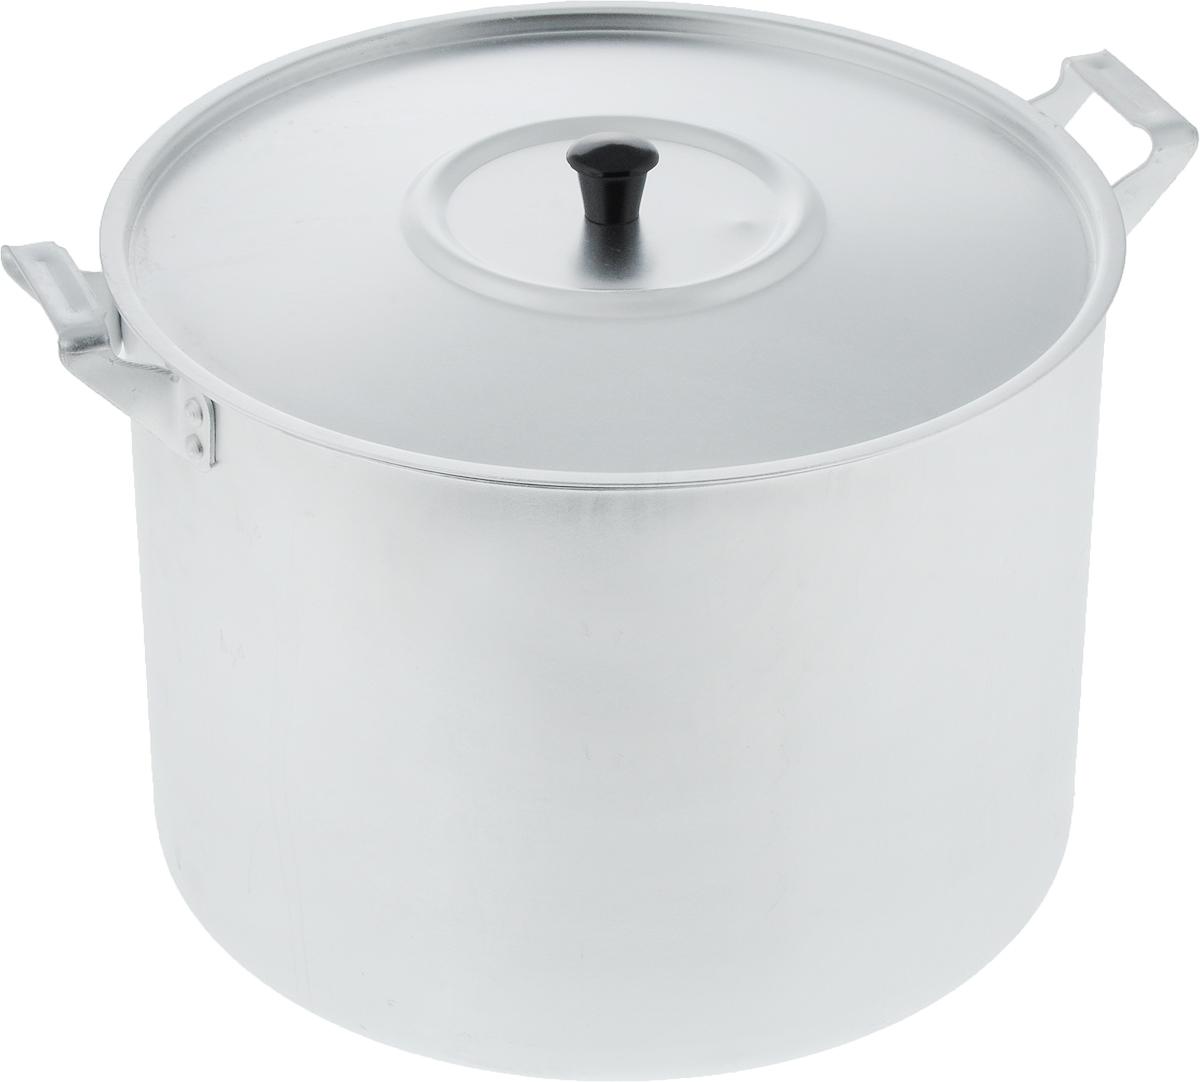 Кастрюля Scovo с крышкой, 10 лМТ-085Кастрюля Scovo с крышкой изготовлена из алюминия с полированной поверхностью. Посуда с полированной поверхностью медленно остывает, долго сохраняя тепло, поэтому идеально подходит для кипячения молока, воды, приготовления супов, каш.Кастрюля подходит для использования на всех типах плит, кроме индукционных. Можно мыть в посудомоечной машине. Алюминиевая посуда - это давно проверенная классика. Долговечная и недорогая, алюминиевая посуда не обладает привлекательным внешним видом, но может пережить многие испытания и не понести потерь. Даже деформация корпуса, в принципе, не влияет на дальнейший процесс приготовления пищи. Полированную алюминиевую посуду не рекомендуется мыть абразивными моющими средствами с использованием жестких щеток и других твердых материалов.Такая посуда пригодится не только дома, но и станет незаменимой в походах или поездках за город.Диаметр кастрюли (по верхнему краю): 26 см.Высота стенки: 19 см.Объем кастрюли: 10 л.